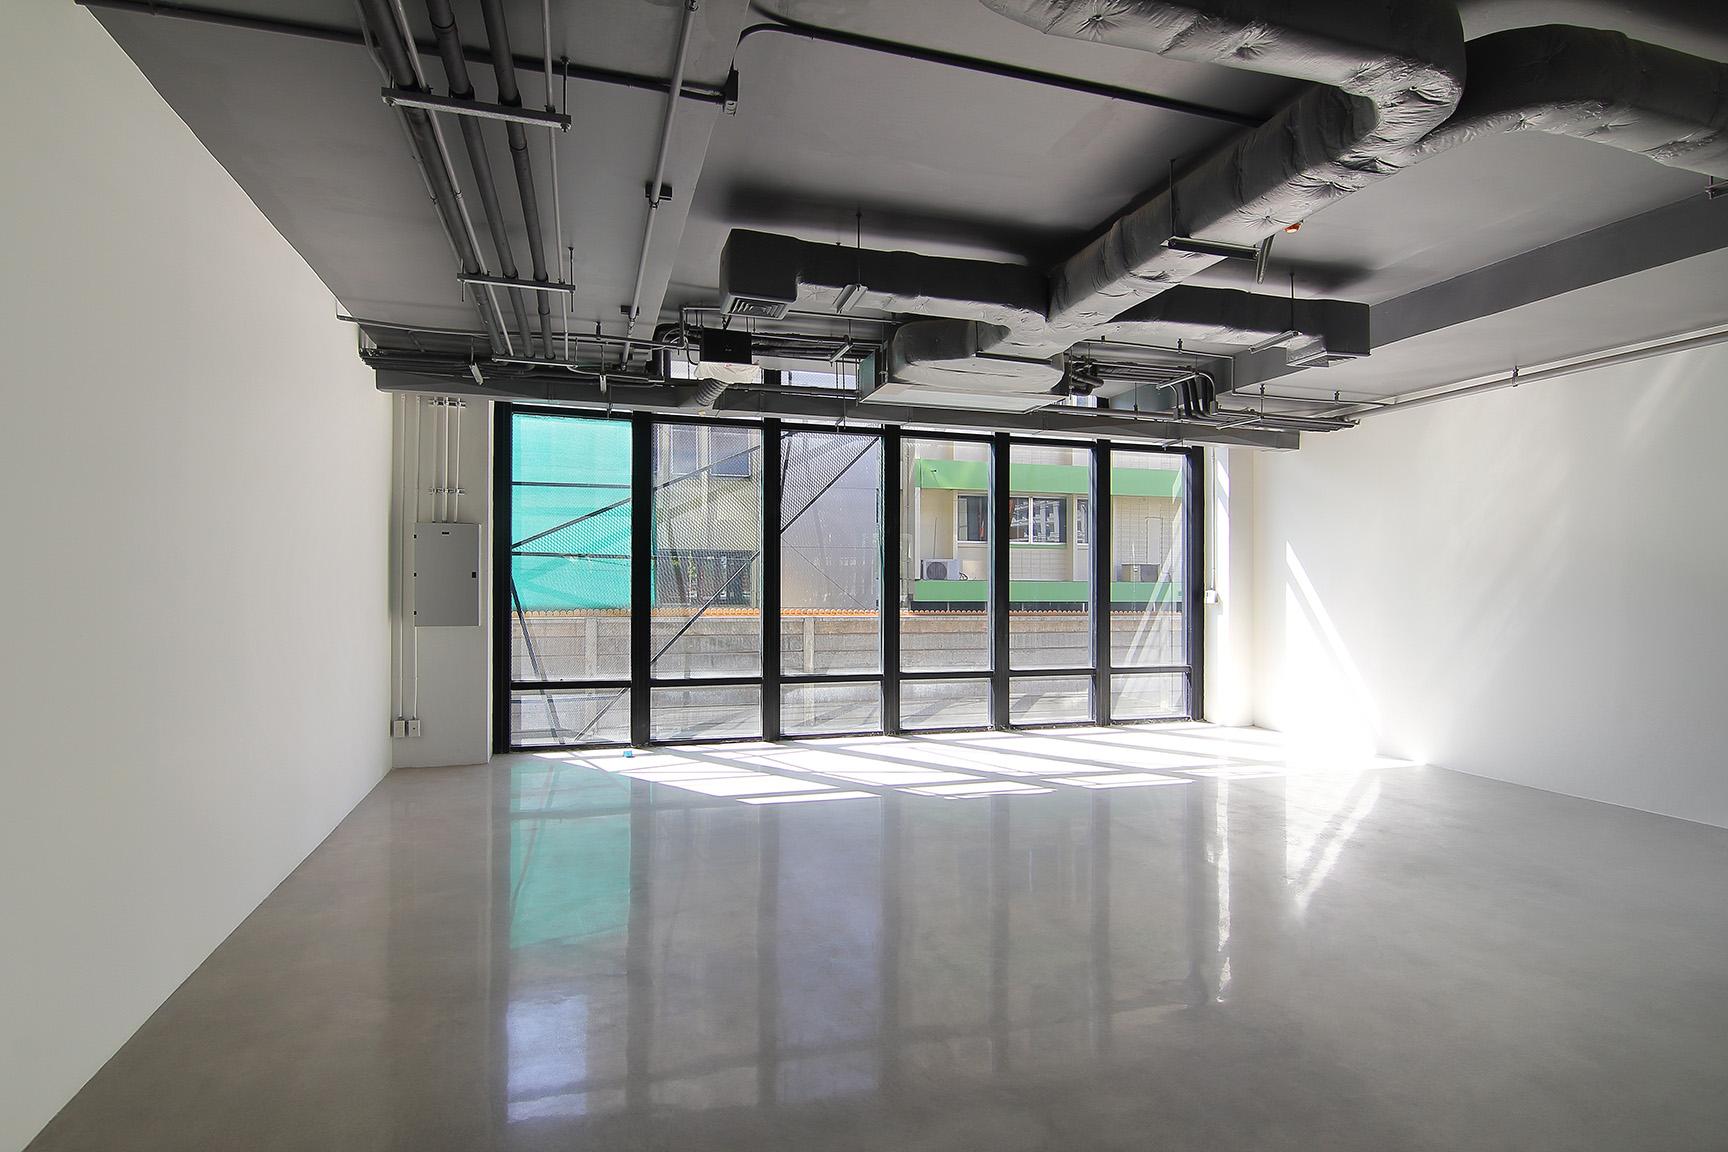 Z učinkovitim prezračevanjem v prostore dovajamo svež zrak in iz nijh odstranjujemo zastarel in vlažen zrak.